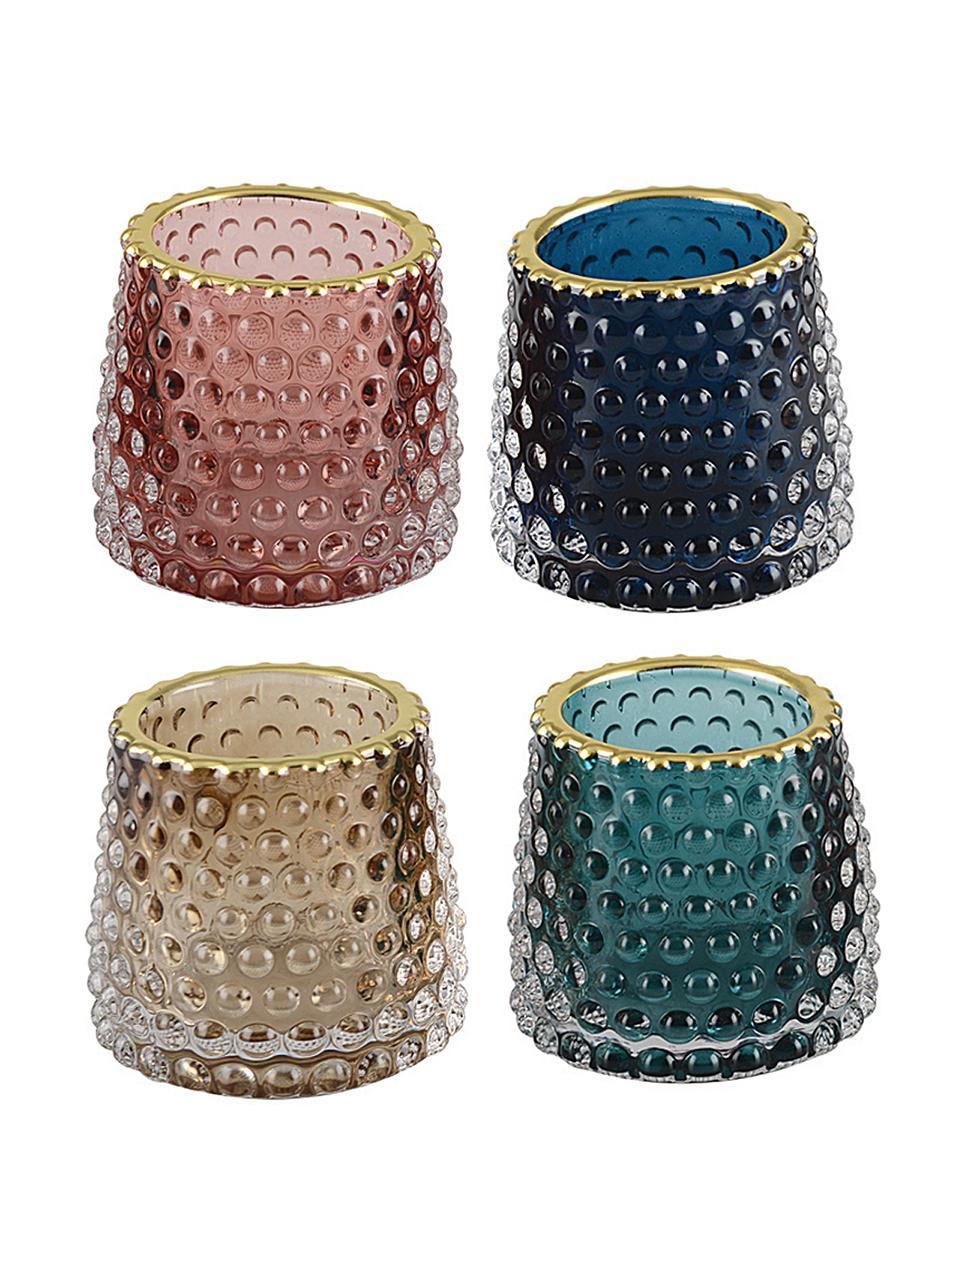 Teelichthalter-Set Rimmon, 4-tlg., Glas, Mehrfarbig, Goldfarben, Ø 8 x H 7 cm